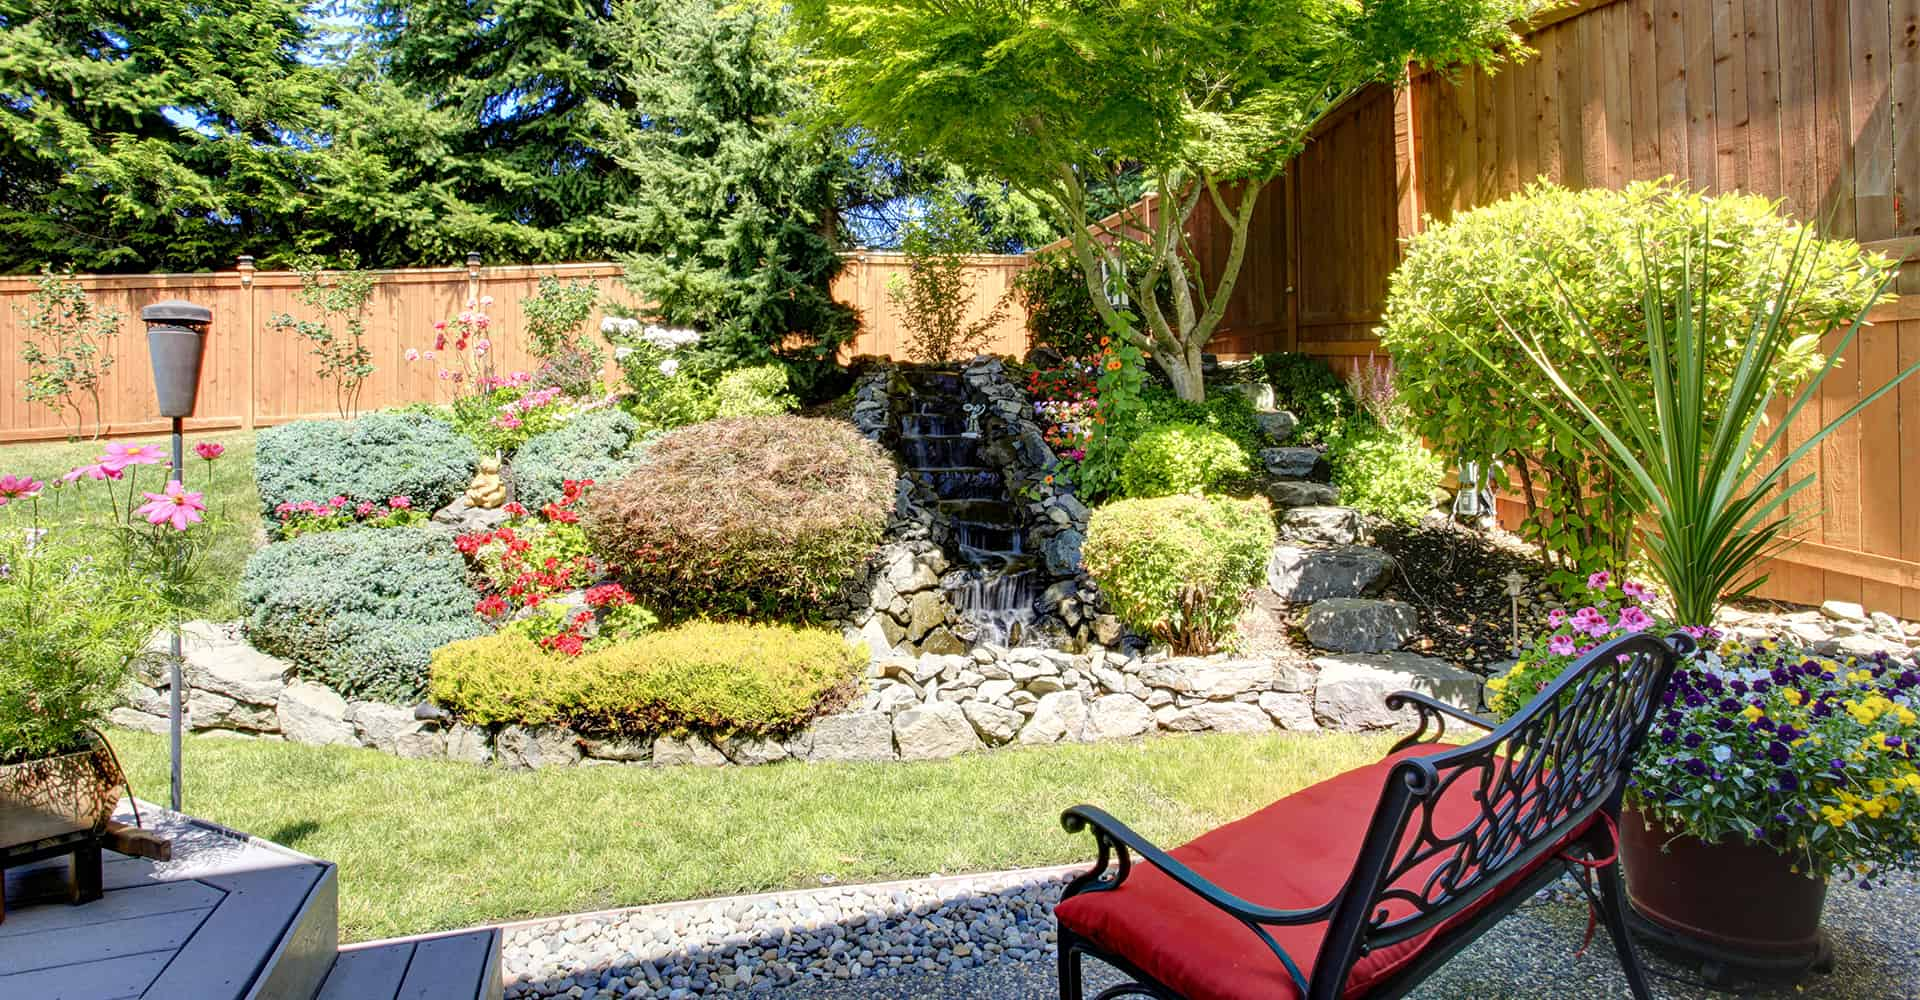 Small Garden Ideas To Transform Your Garden Into A ... on Small Landscape Garden Ideas id=57815